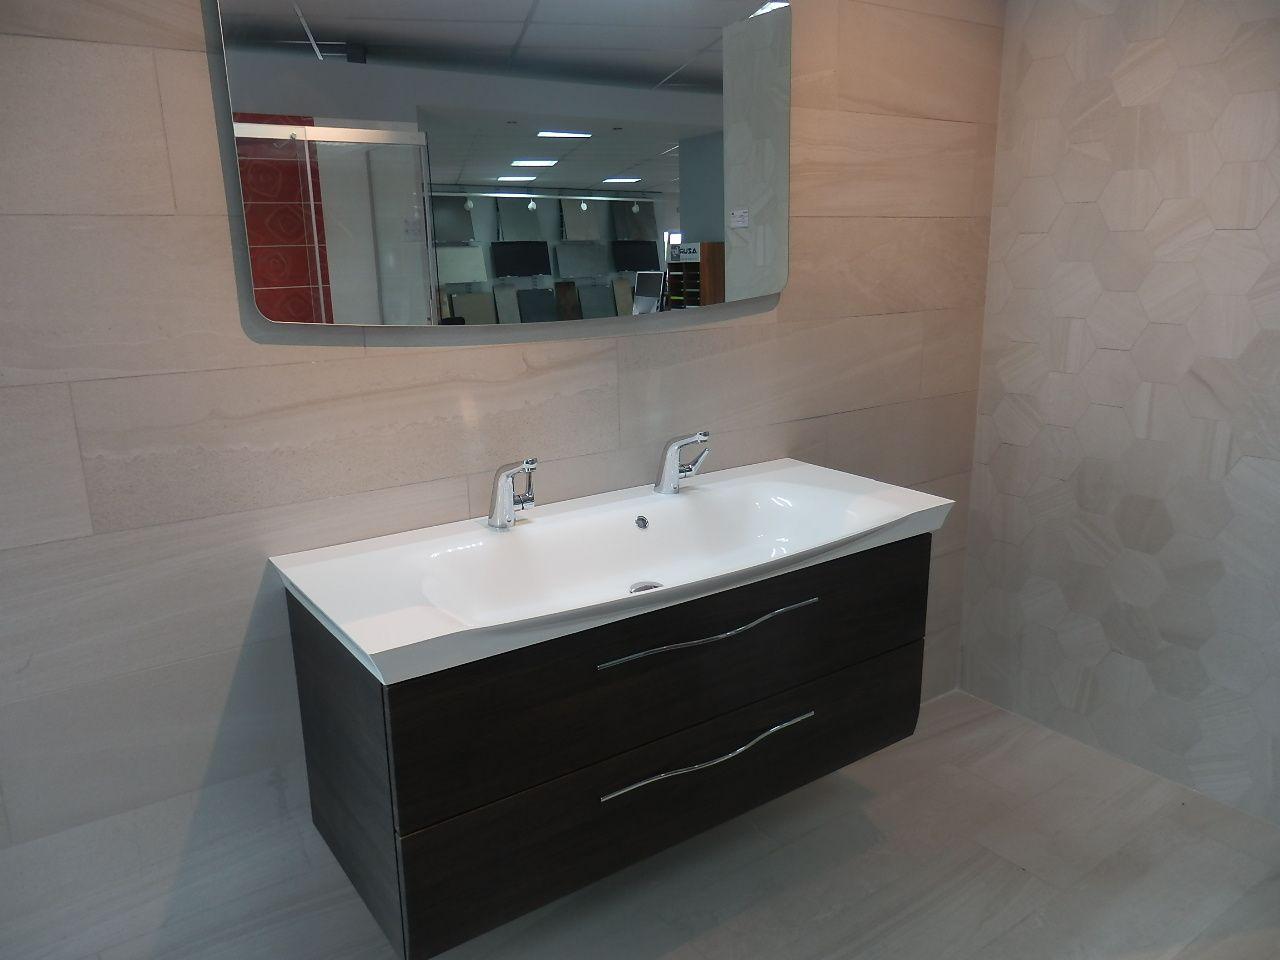 Carrelages Roger spécialiste du carrelage Meubles salle de bains